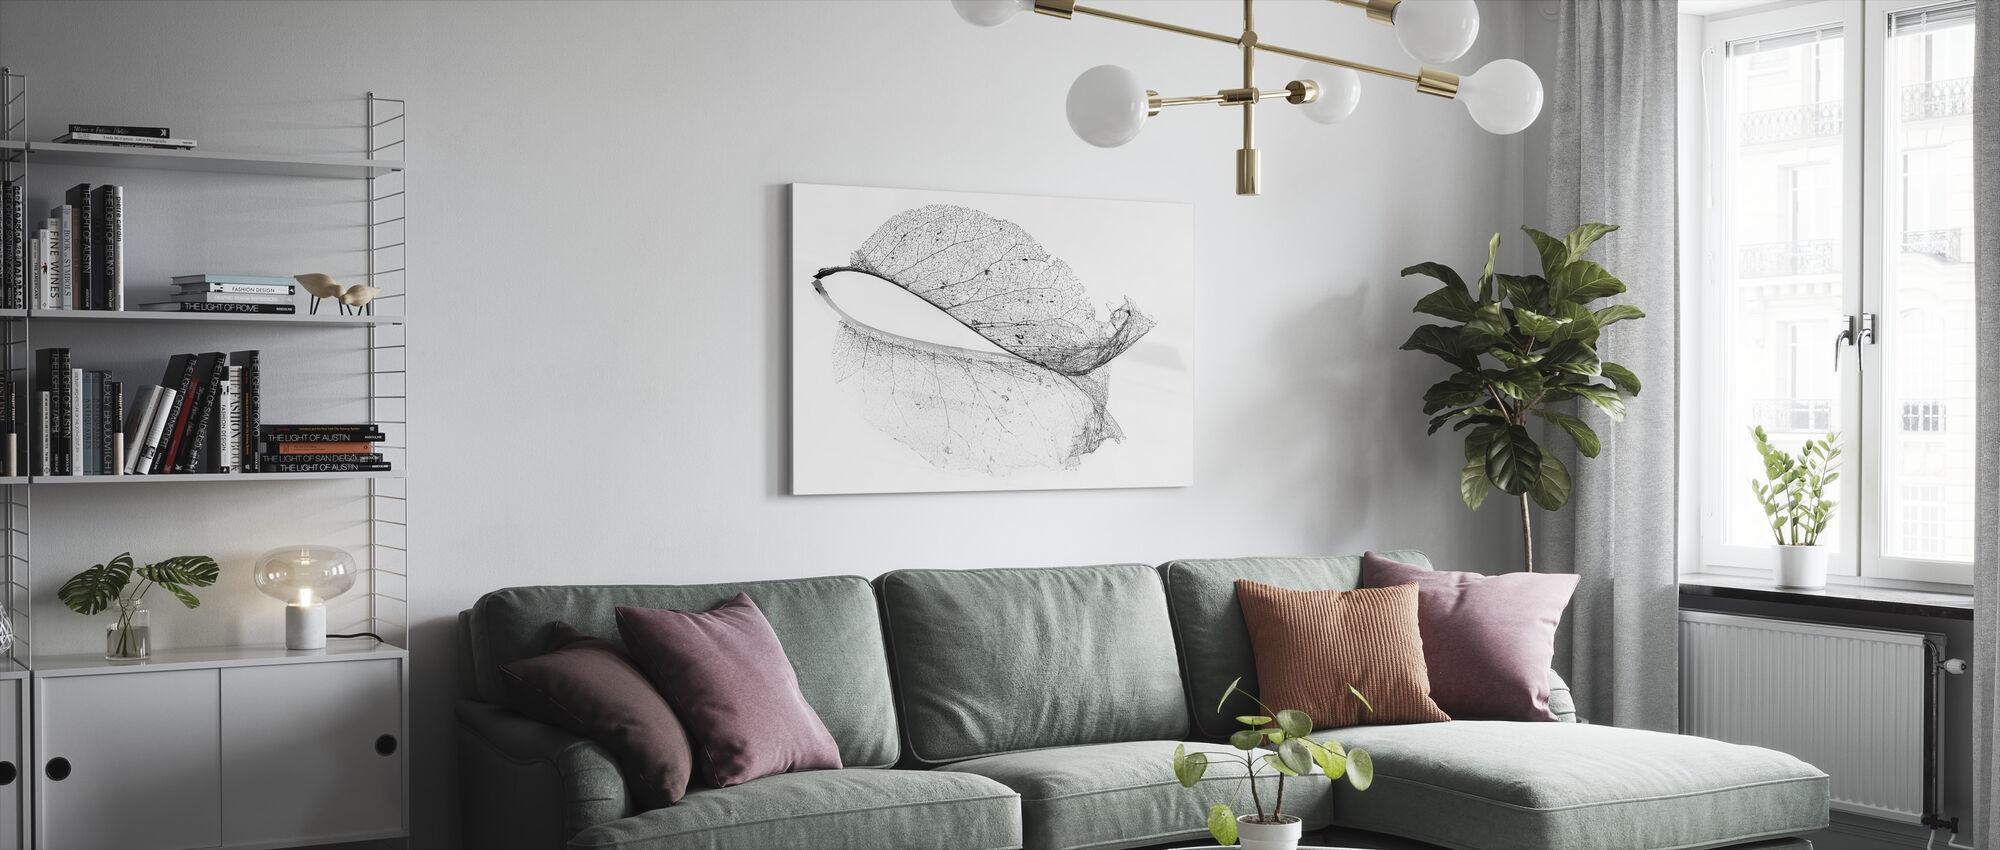 Oud-blad - Canvas print - Woonkamer